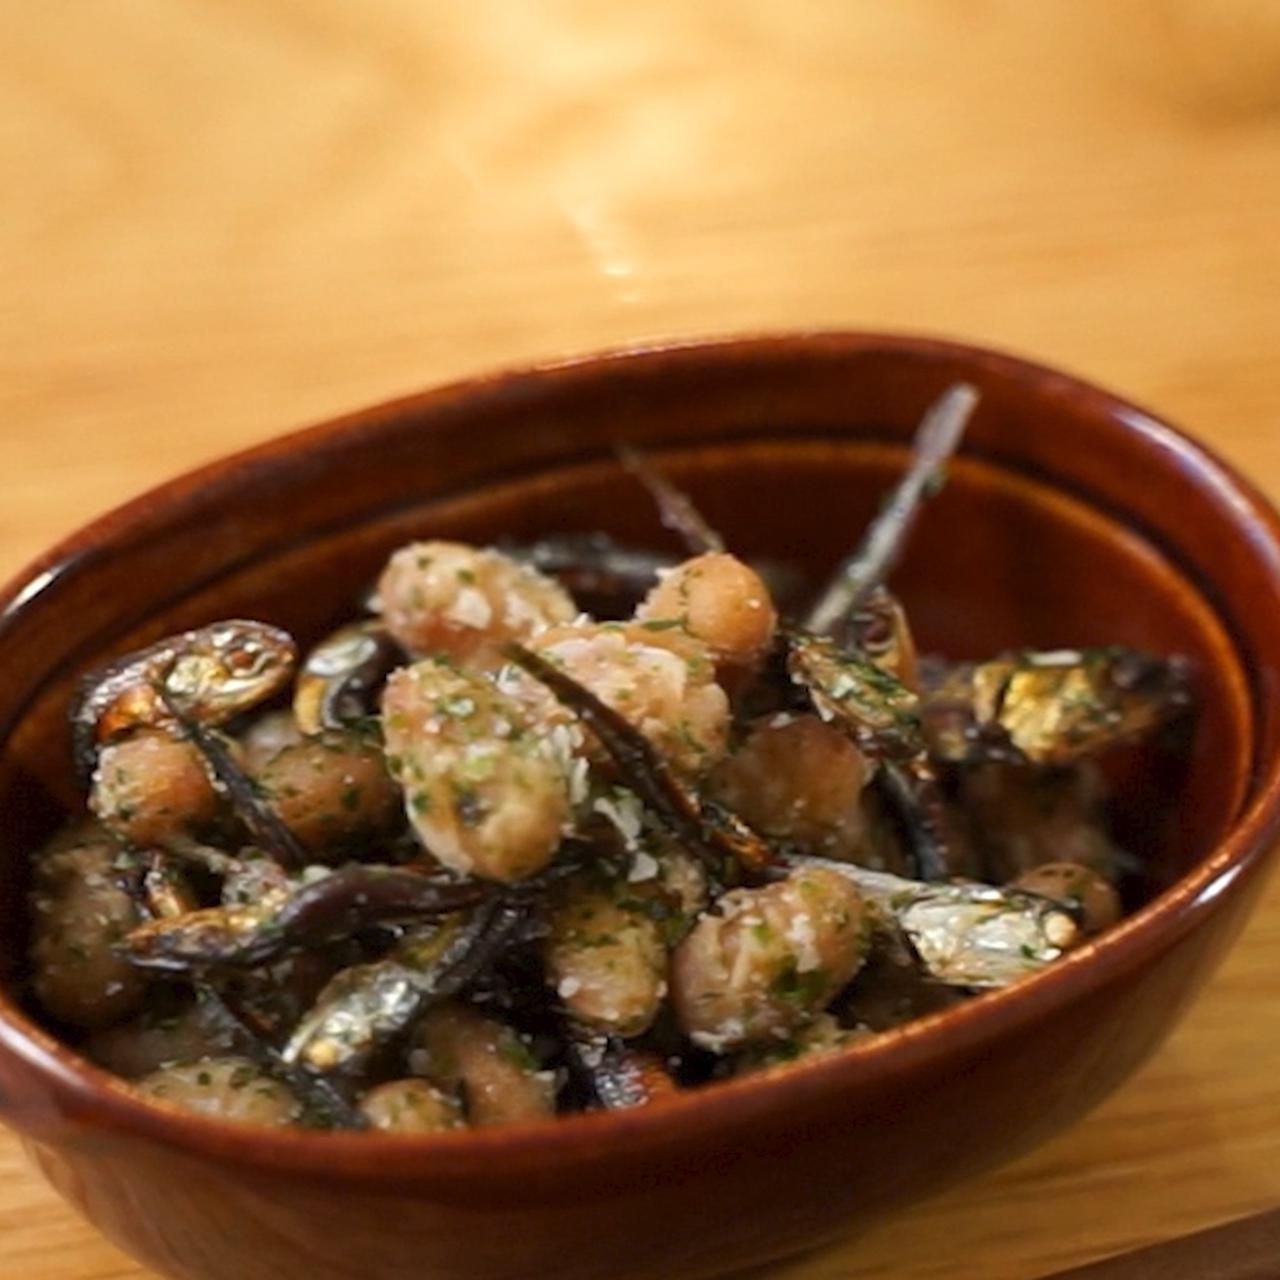 画像: 給食の味♪大豆と小魚ののり塩風味 - 君とごはん